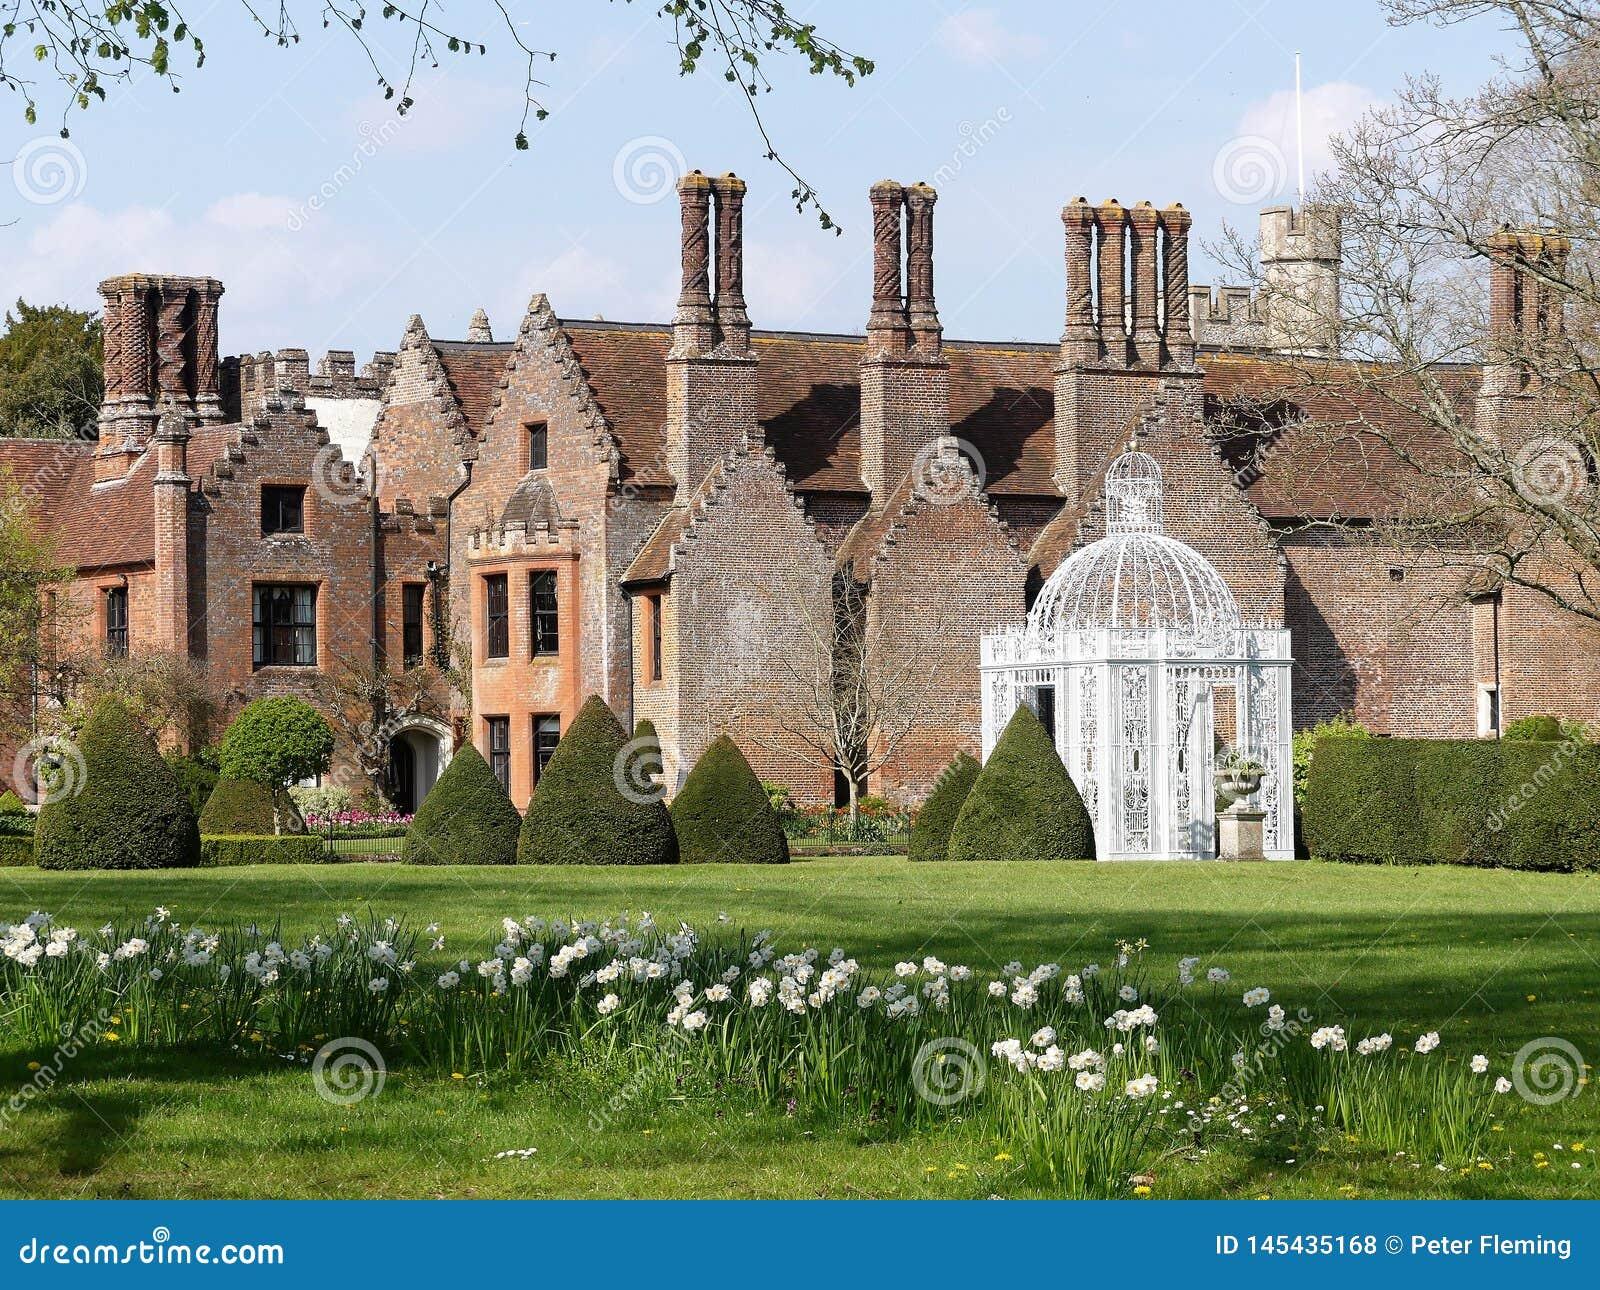 Усадьба Chenies, ранг Tudor я перечислил здание, в весеннем времени